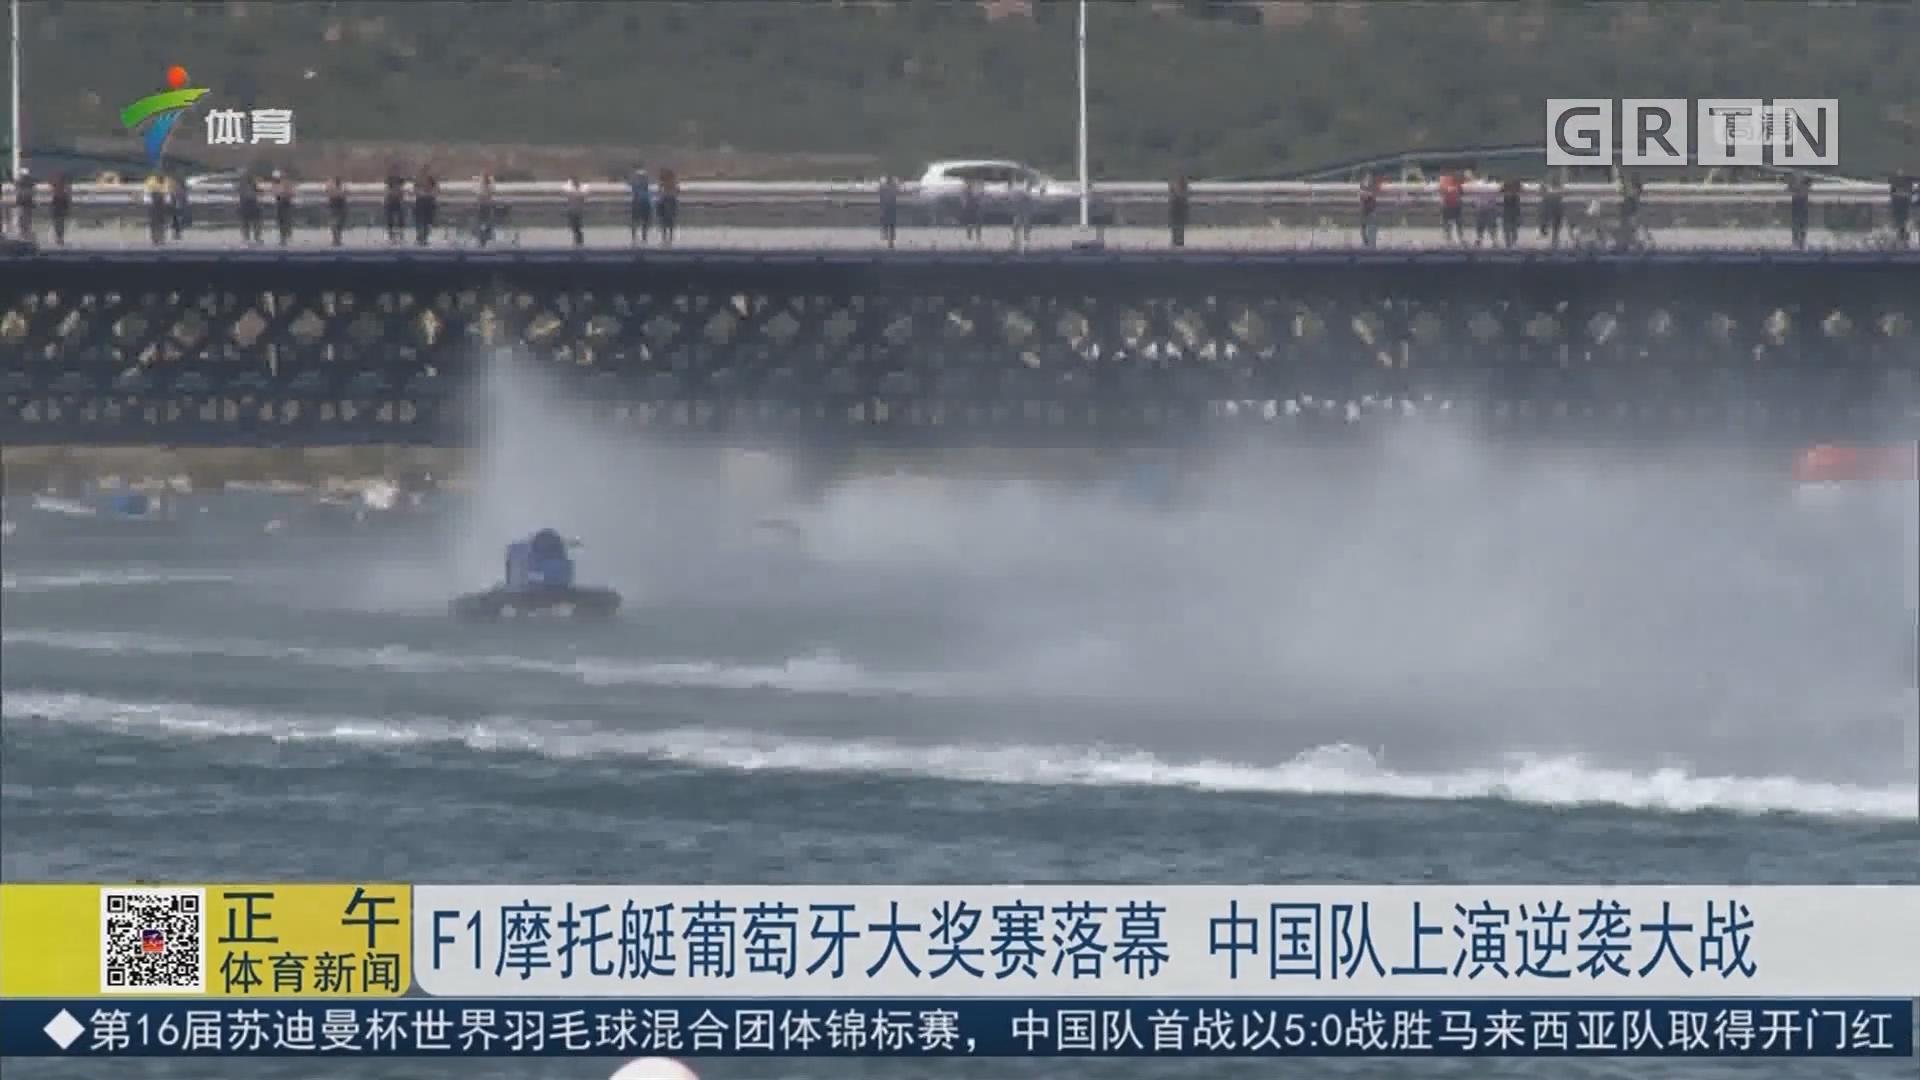 F1摩托艇葡萄牙大奖赛落幕 中国队上演逆转大战